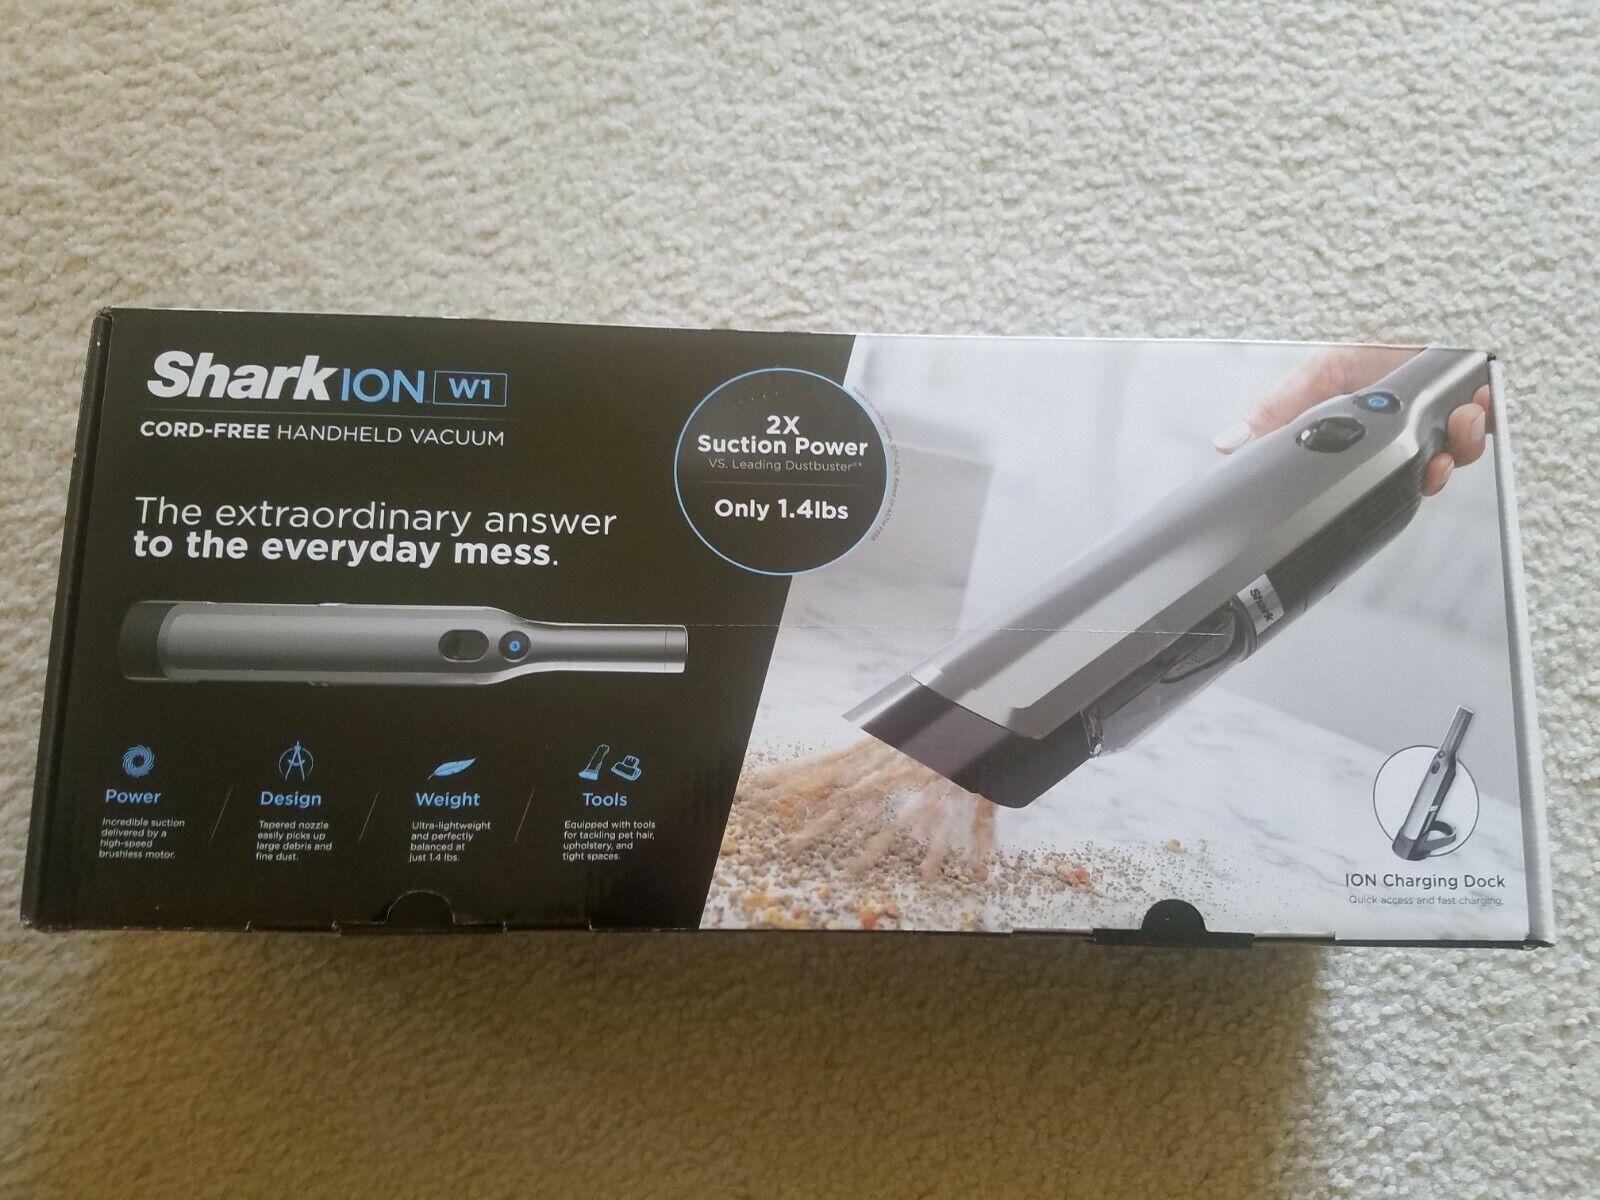 Shark Ninja Ion W1 Cord-Free Handheld Vacuum Brand New Free